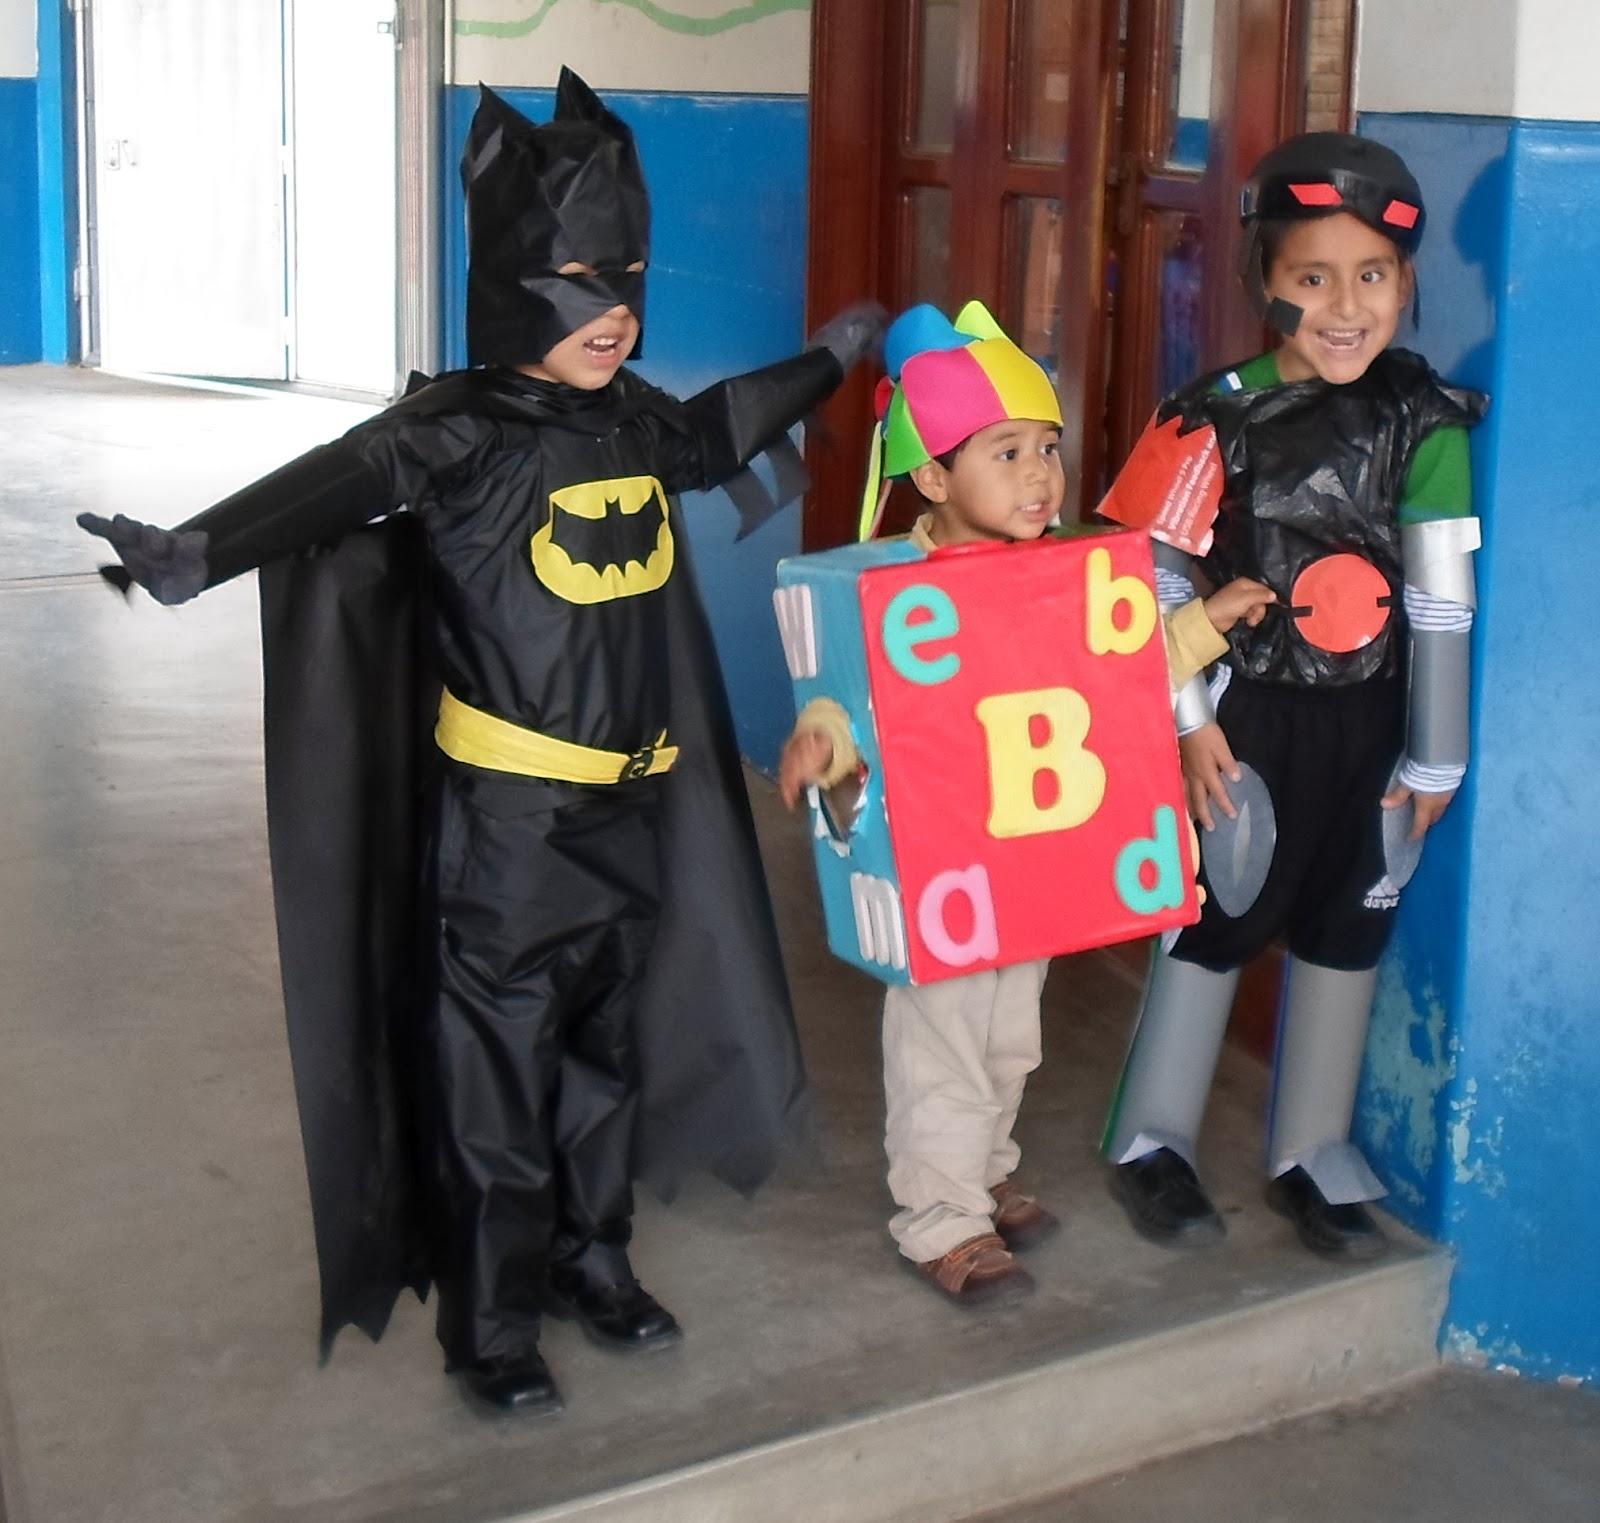 Imágenes de disfraces de material reciclable para niños - Imagui